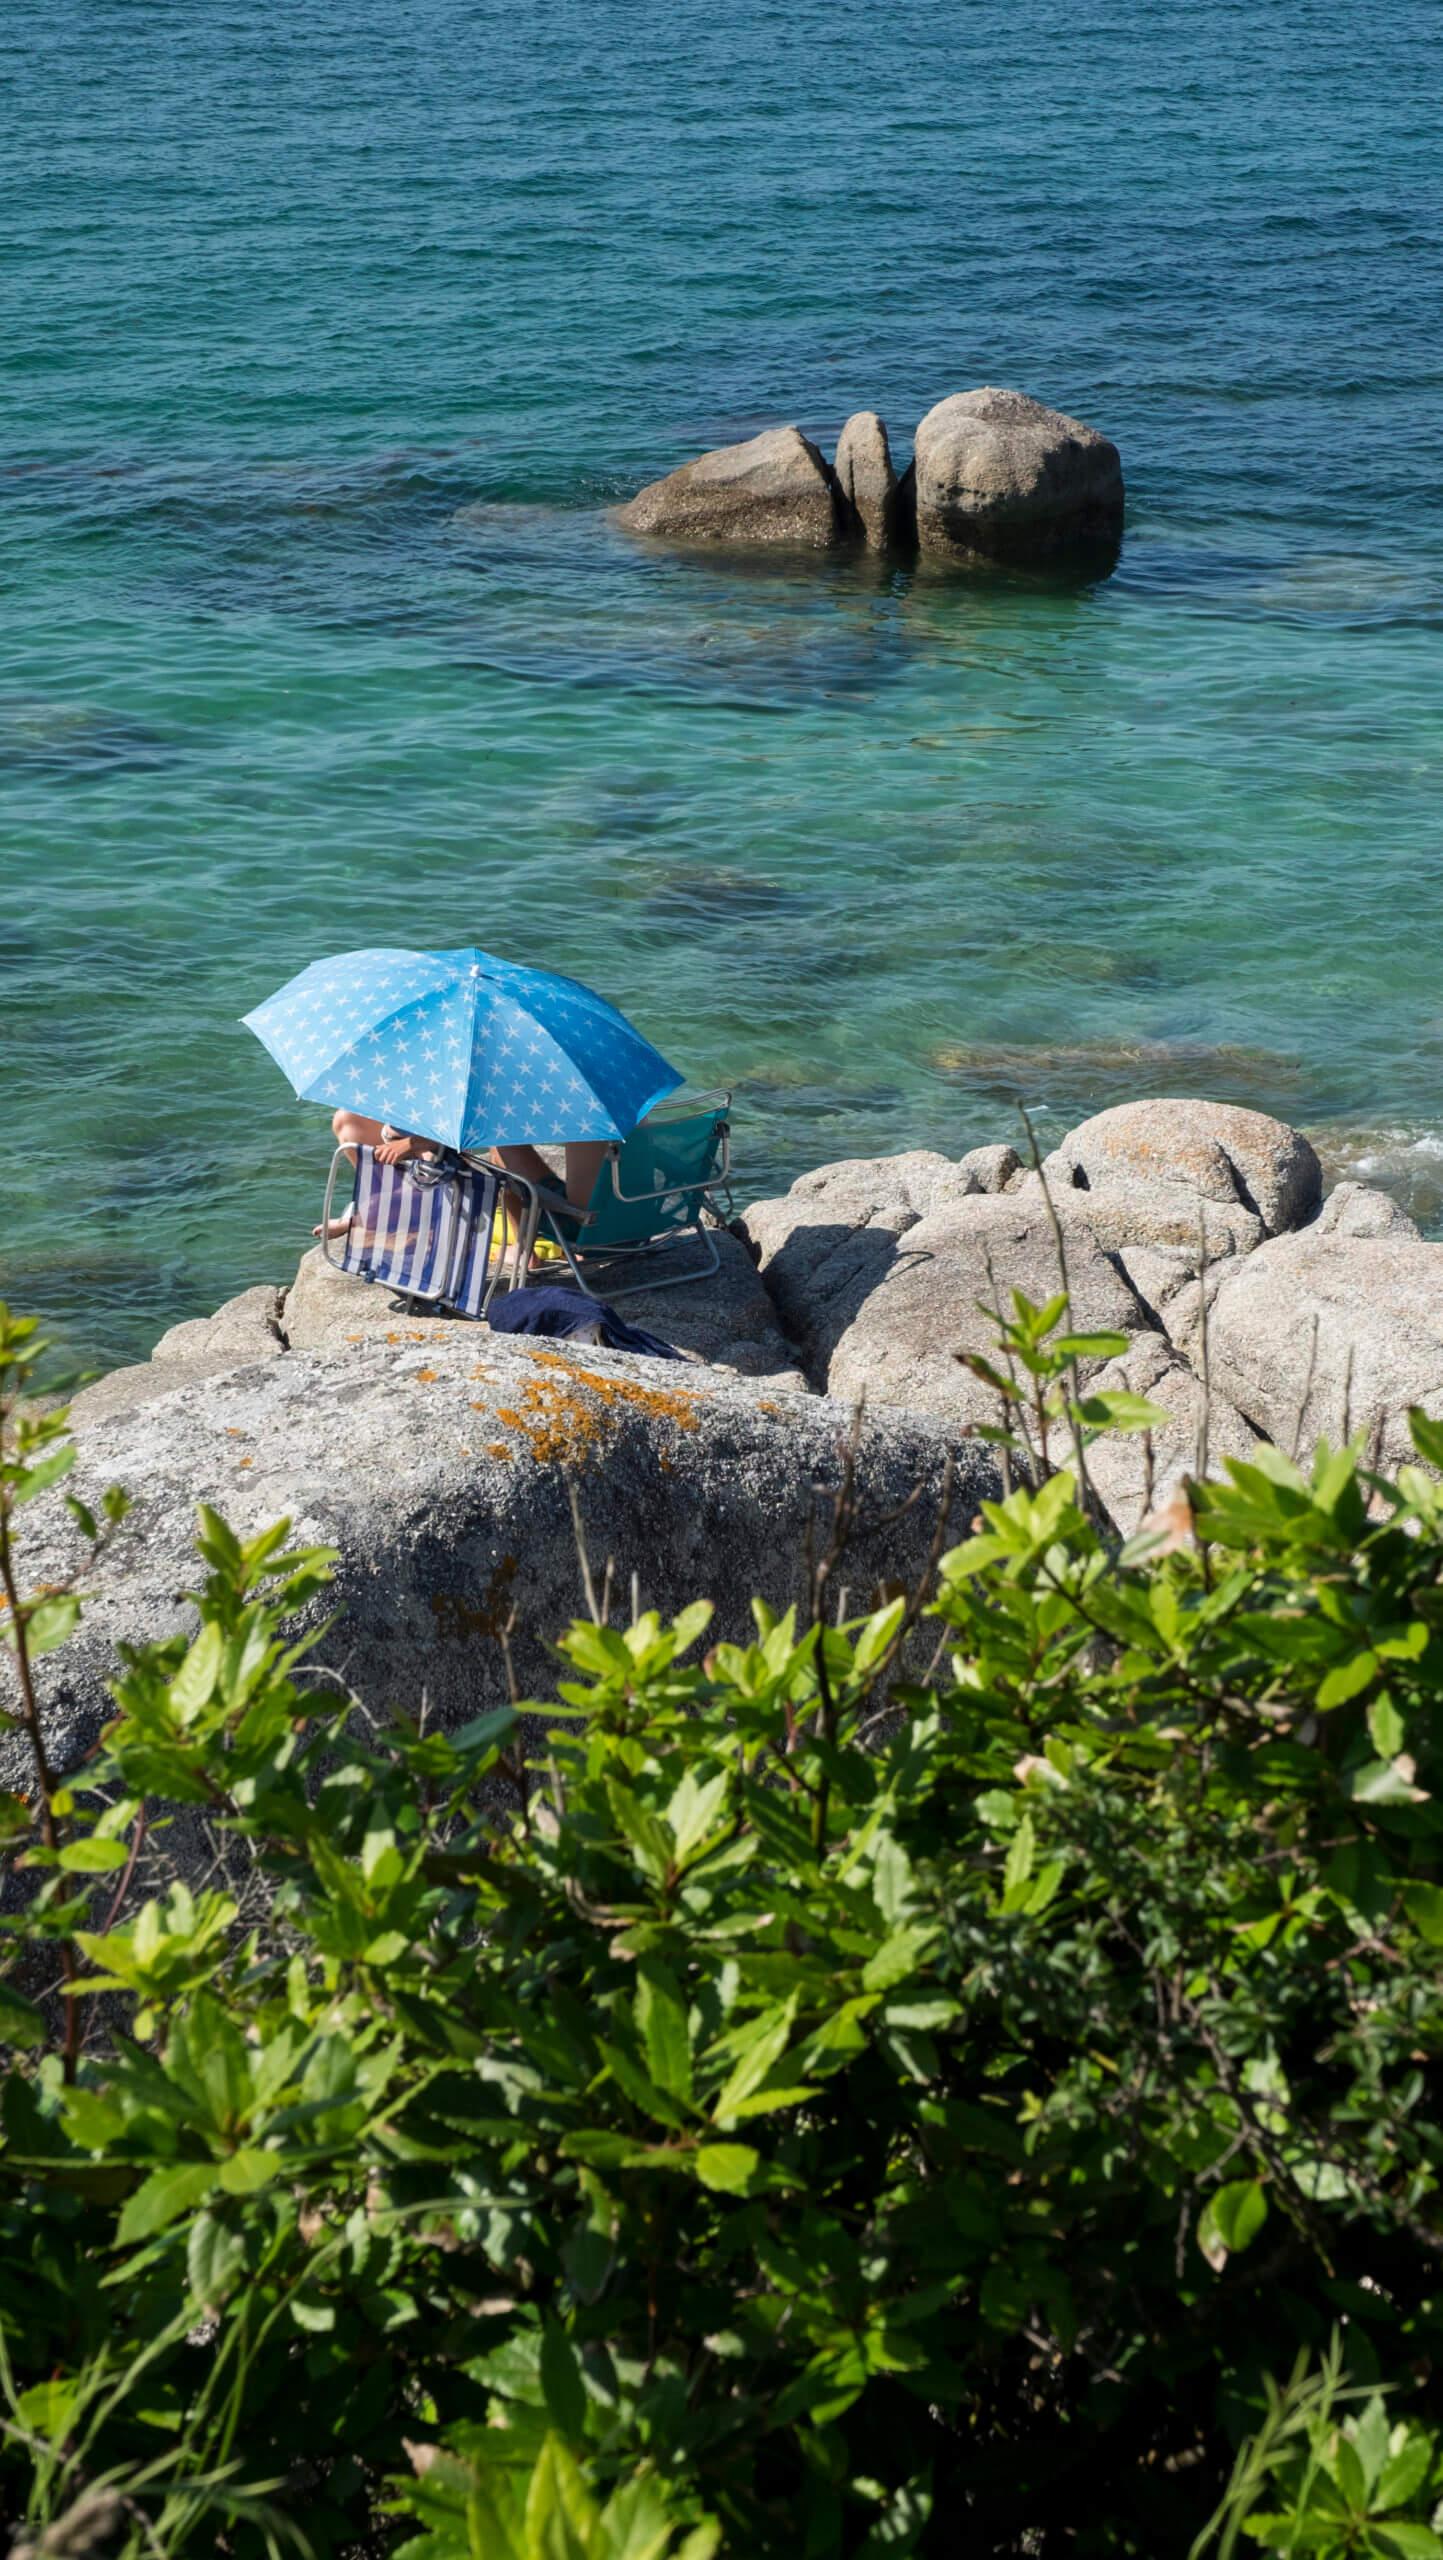 O grove en Pontevedra tomando el sol con sombrilla en las rocas